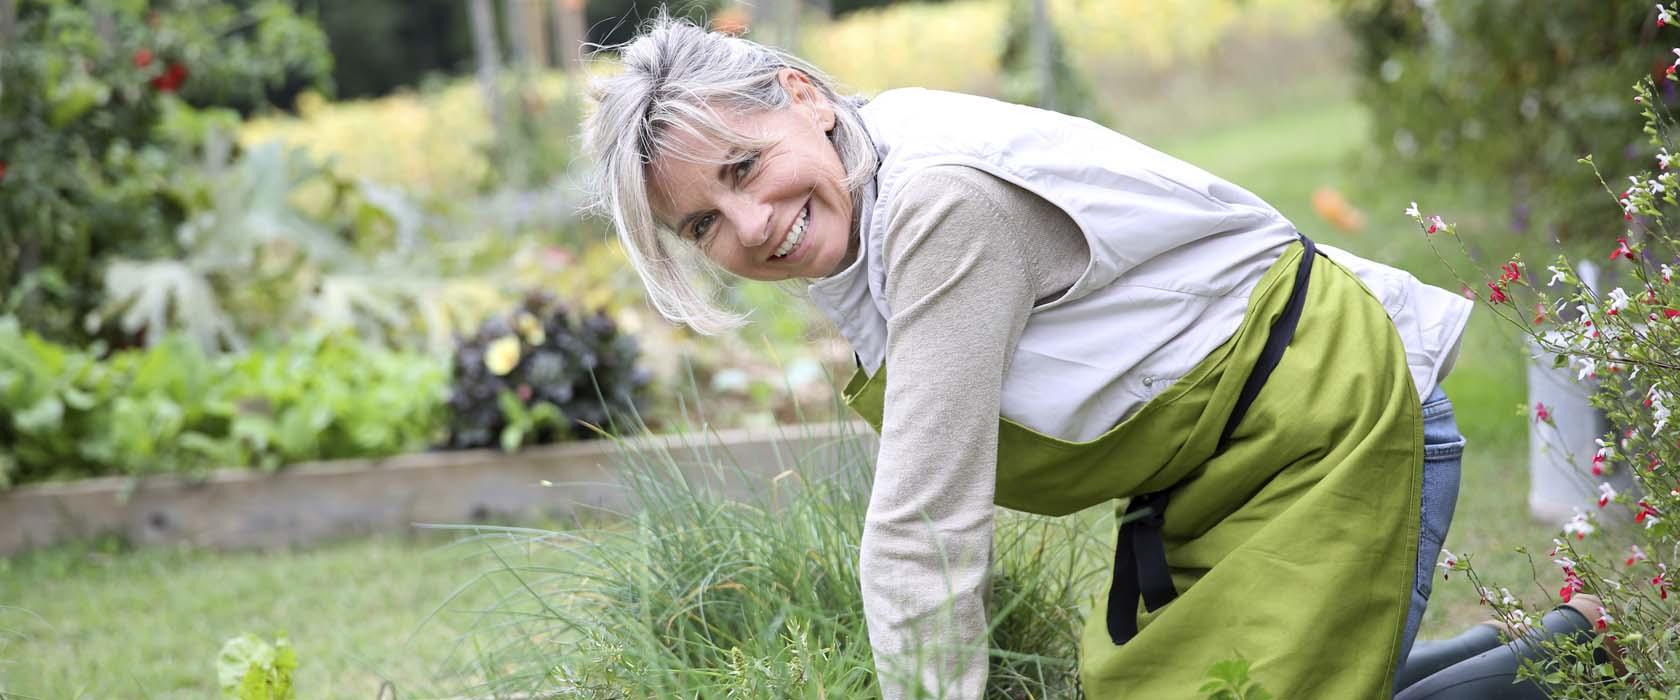 hagearbeid og ryggsmerter